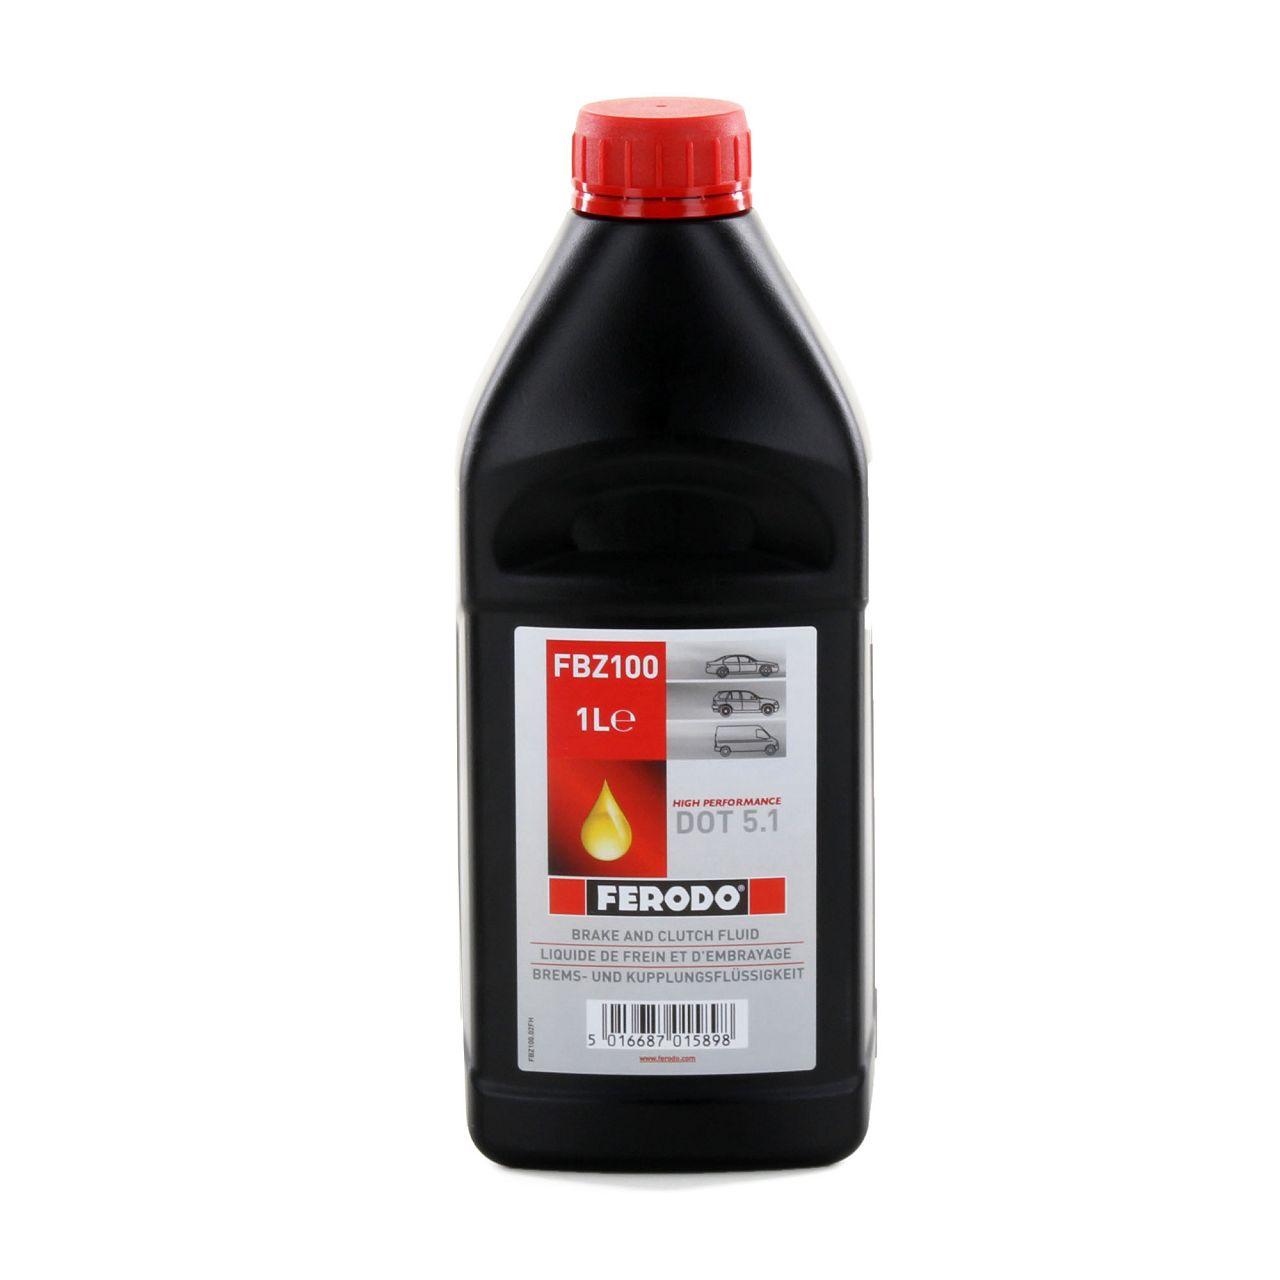 FERODO Bremsflüssigkeit Kupplungsflüssigkeit DOT 5.1 FBZ100 - 1L 1 Liter